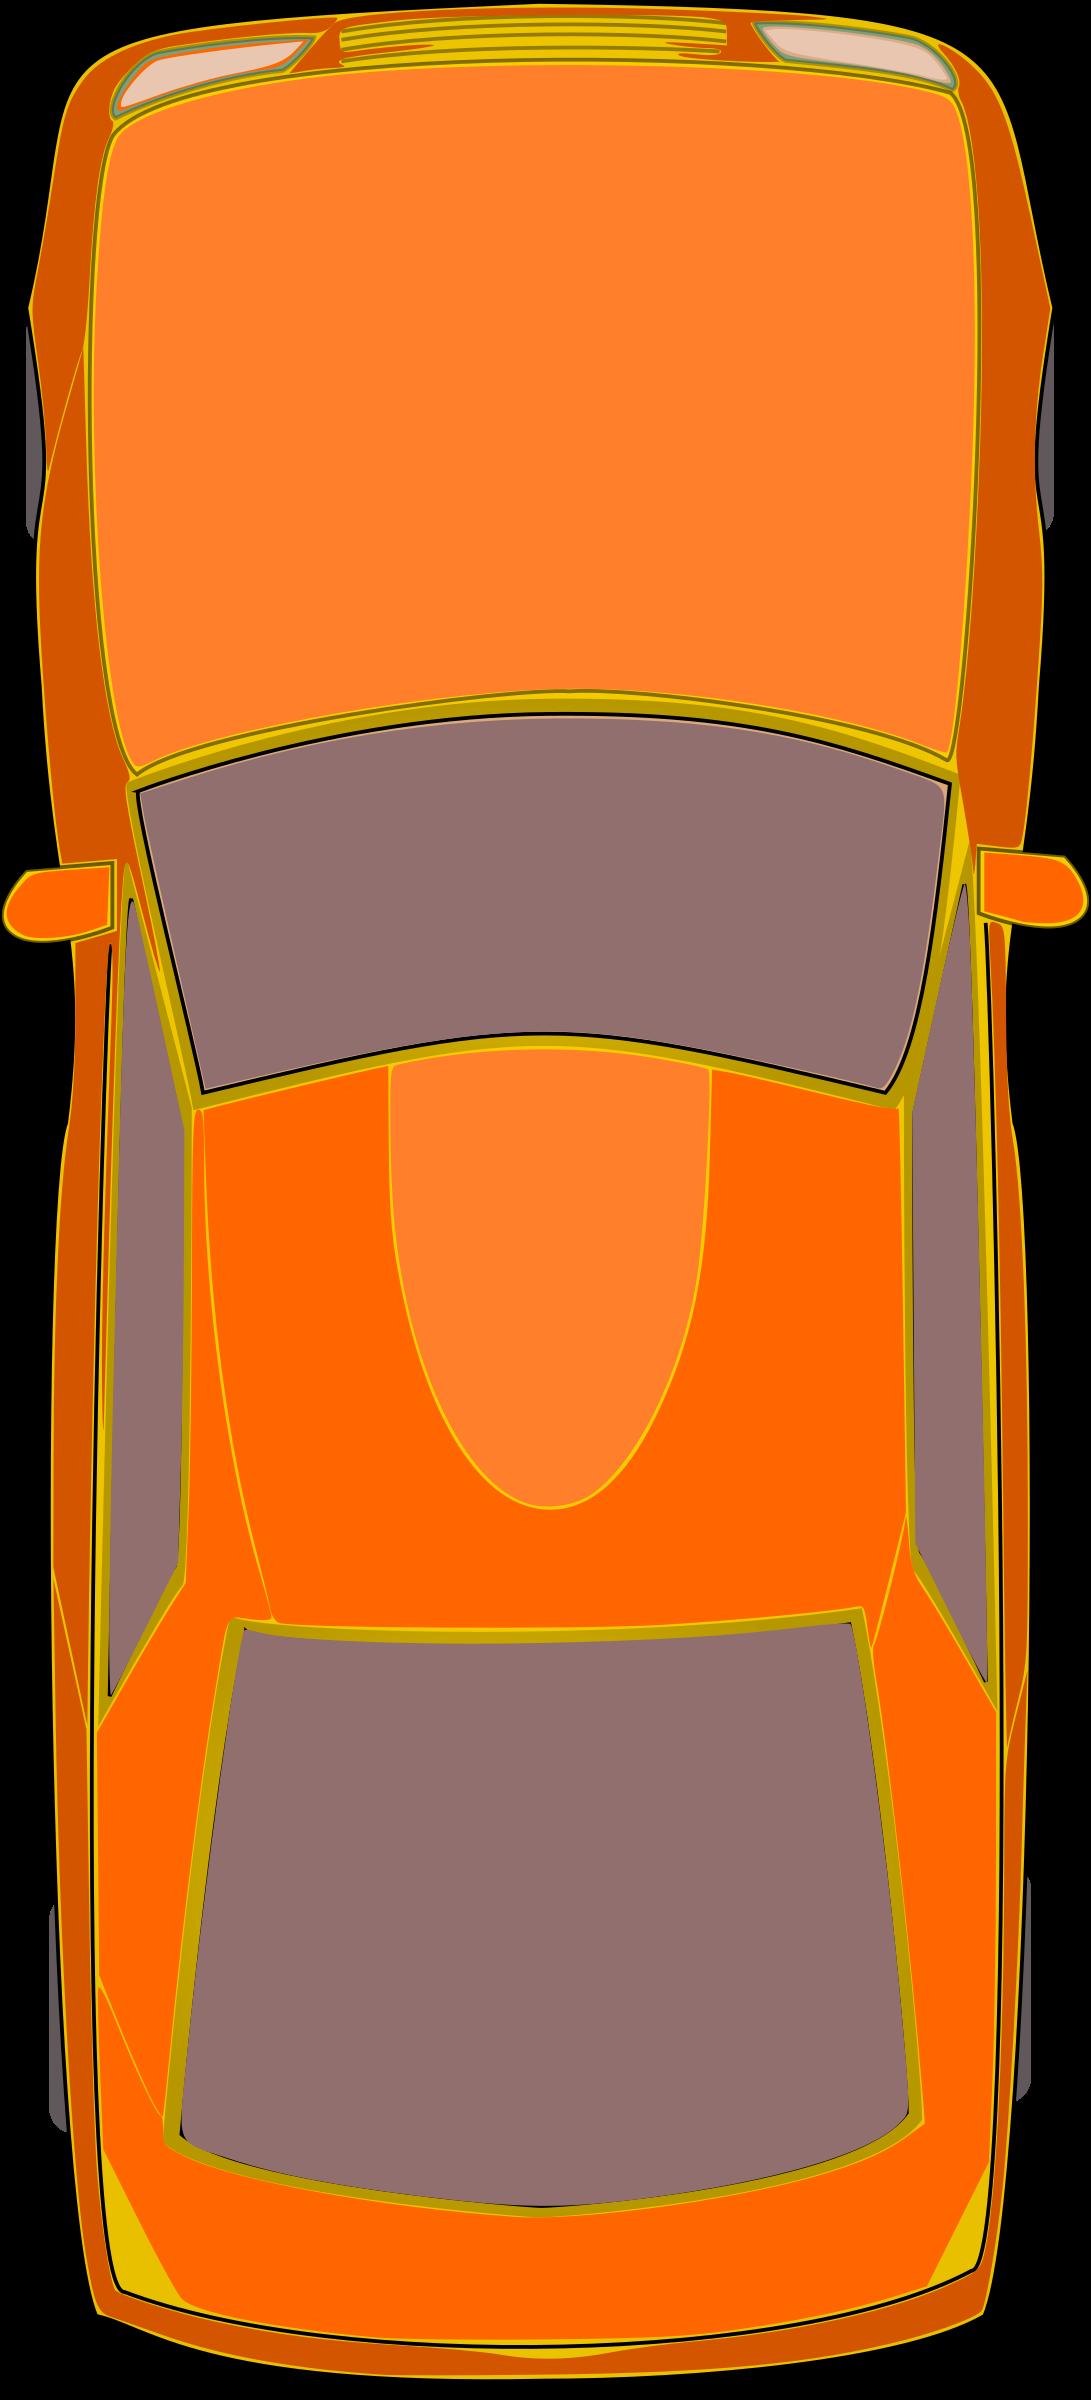 Orange car big image. Door clipart top view